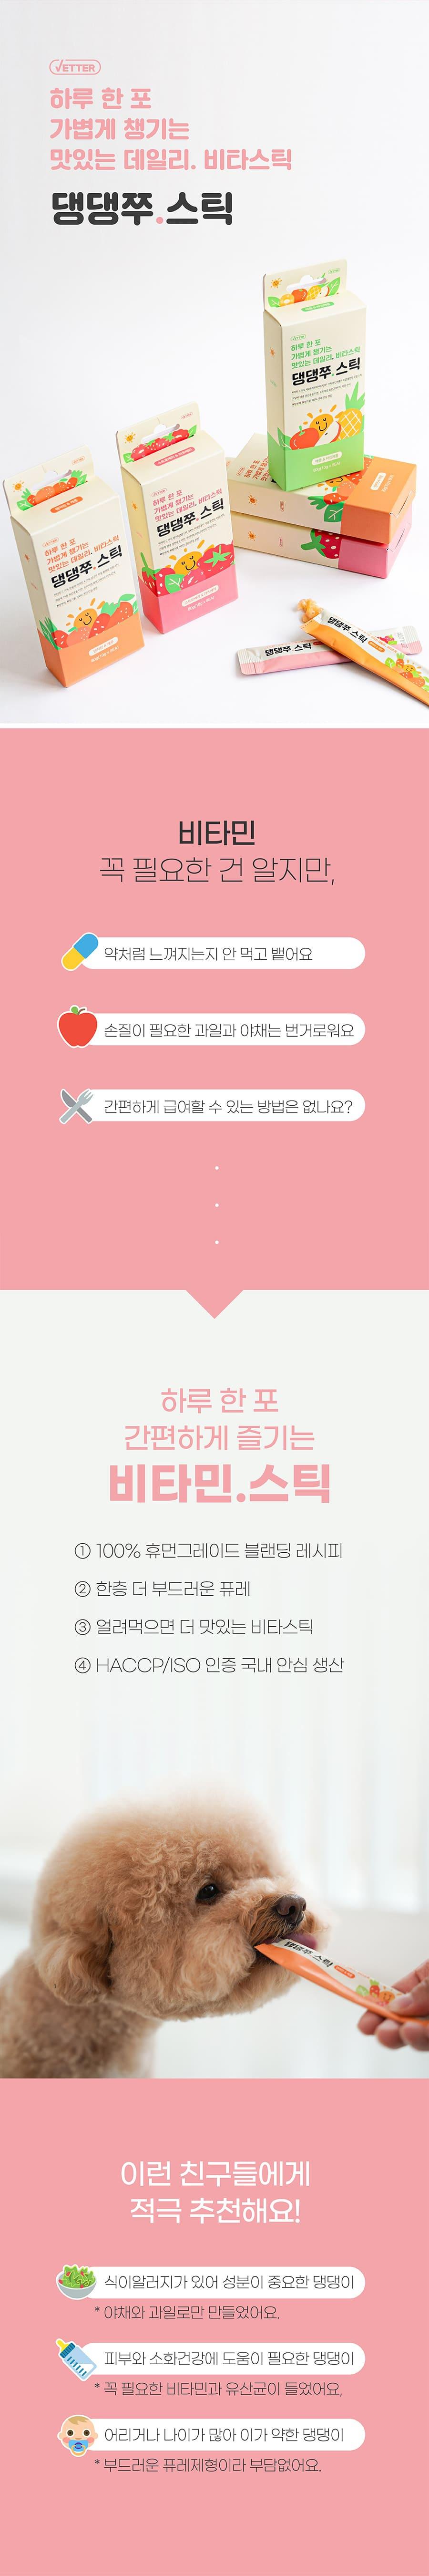 과일로 만든 베터 댕댕쭈 스틱 (스트로베리/애플/탠저린)-상품이미지-0